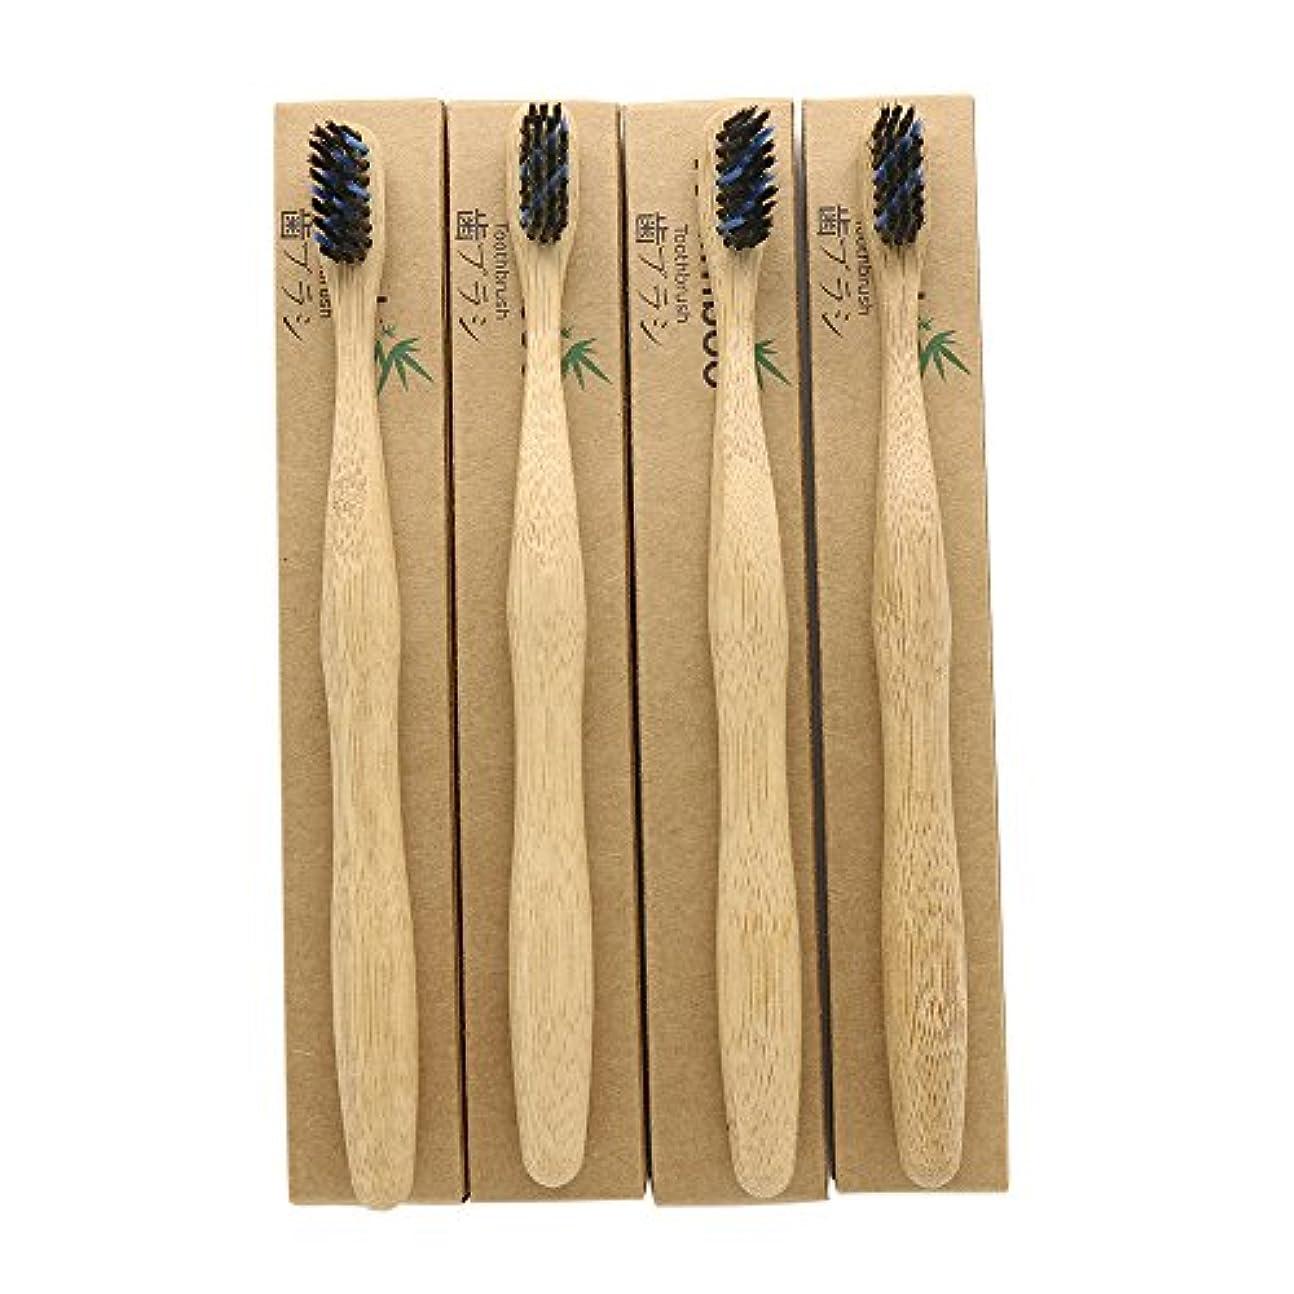 アクセサリー小学生小学生N-amboo 竹製耐久度高い 歯ブラシ 黒いと青い 4本入り セット